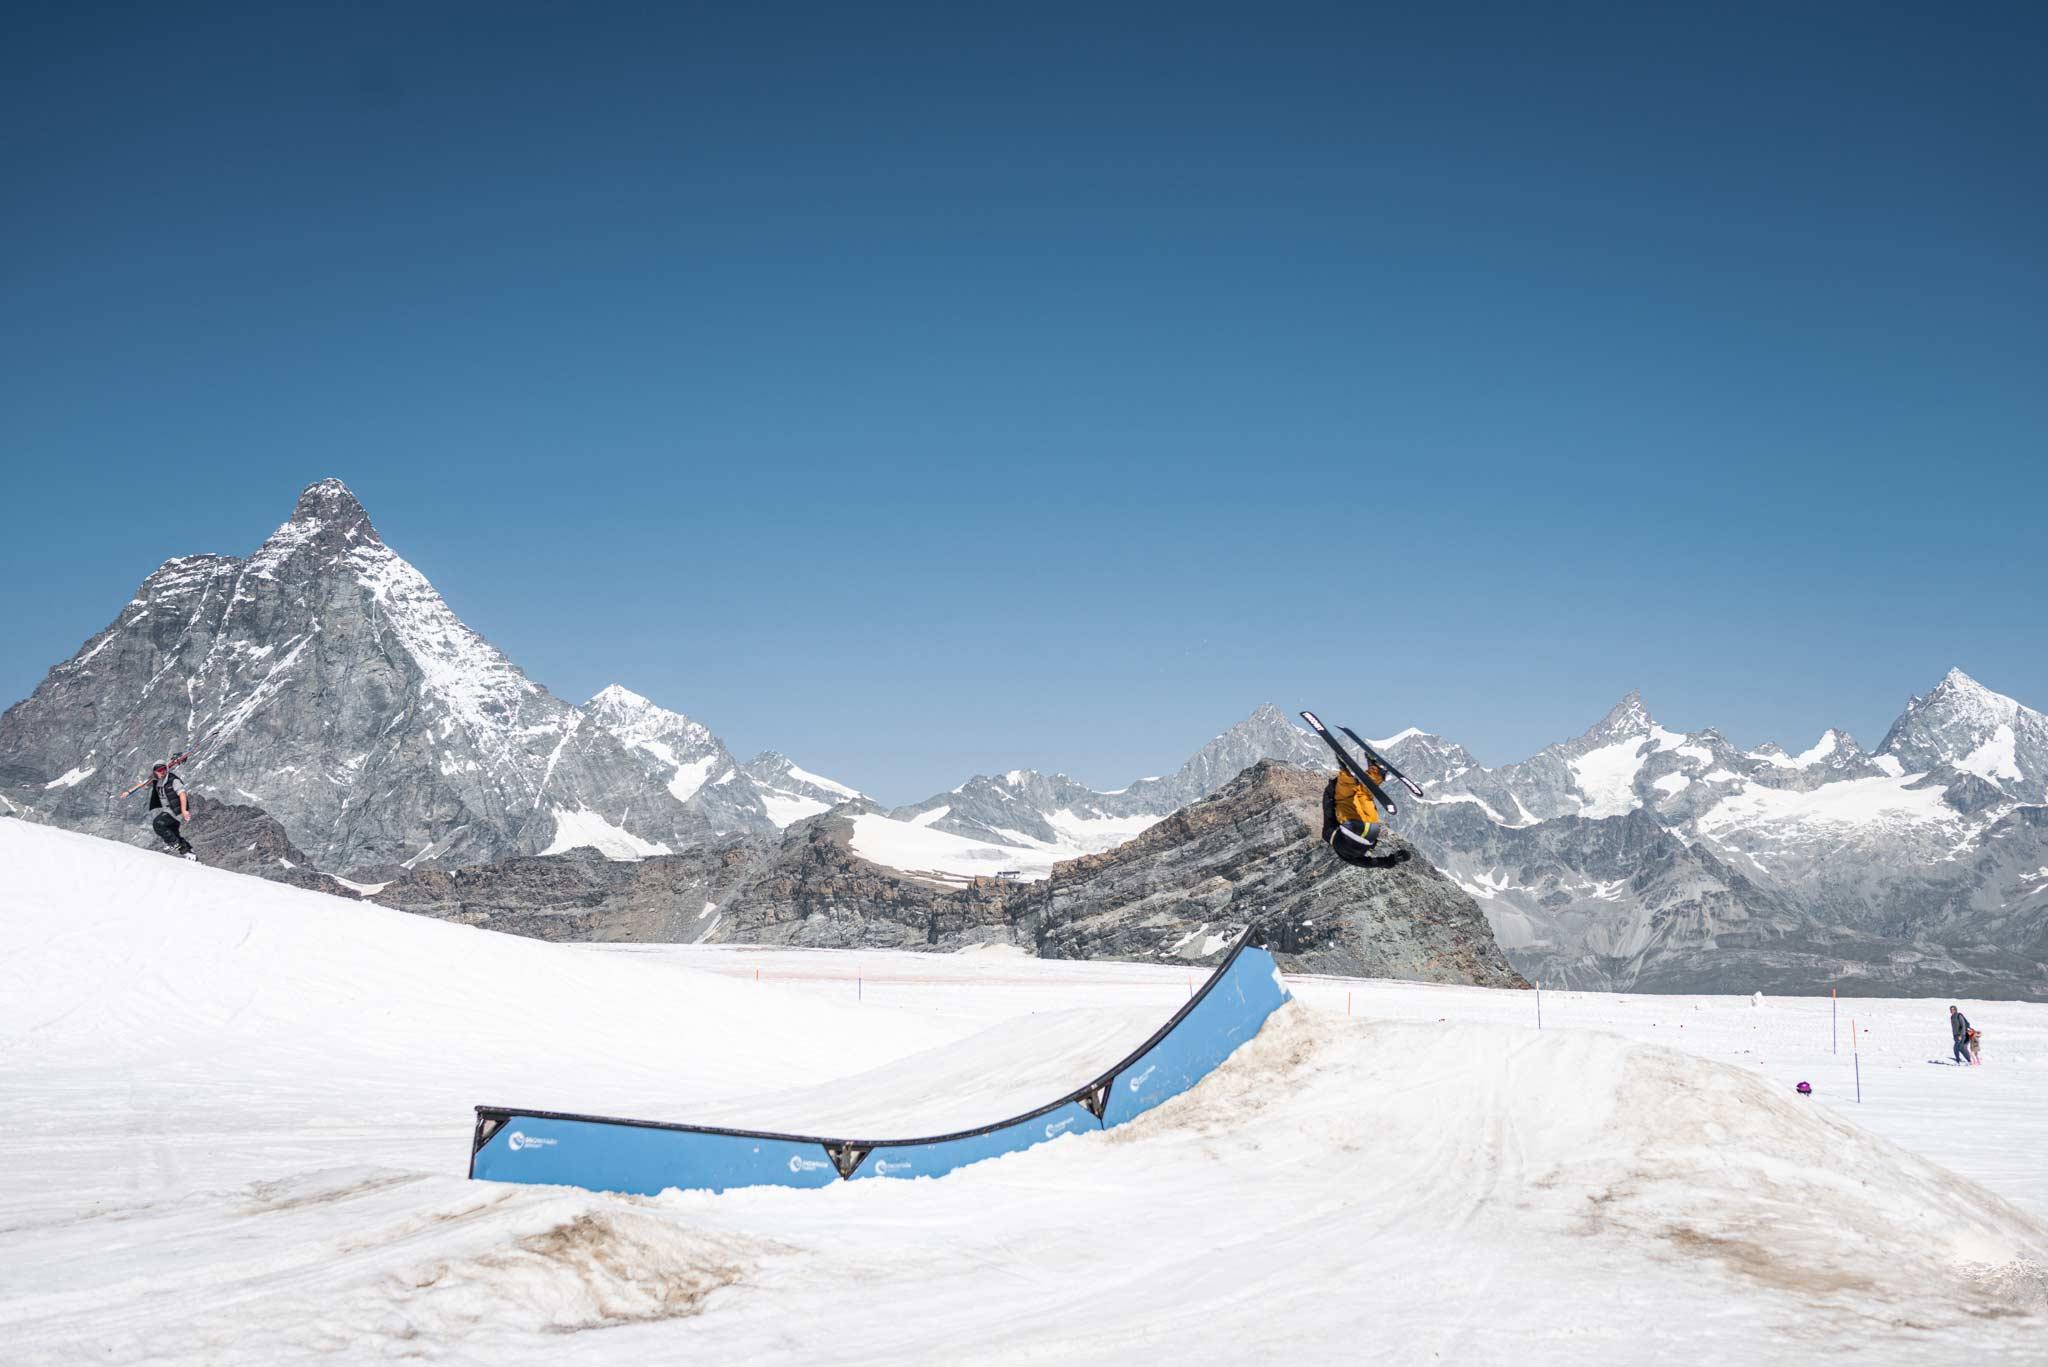 Foto: Snowpark Zermatt - Rider: Unknown